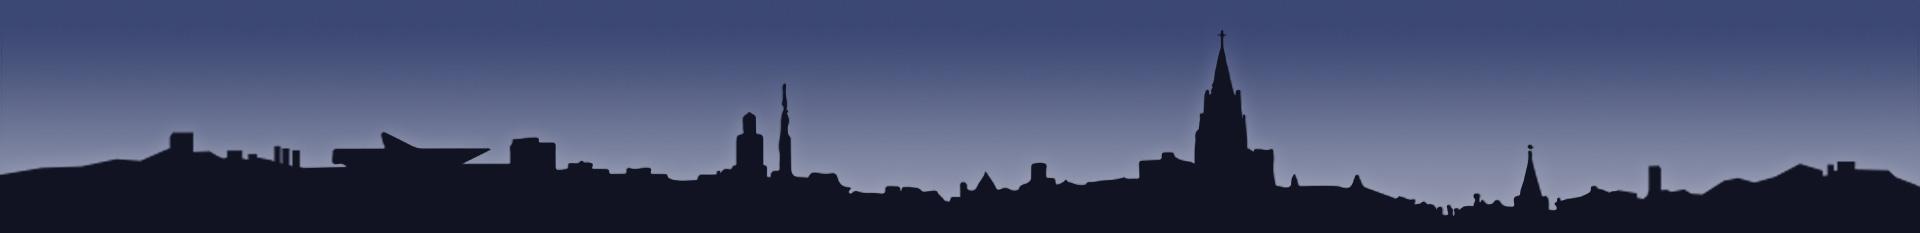 skyline-oviedo-1920-h